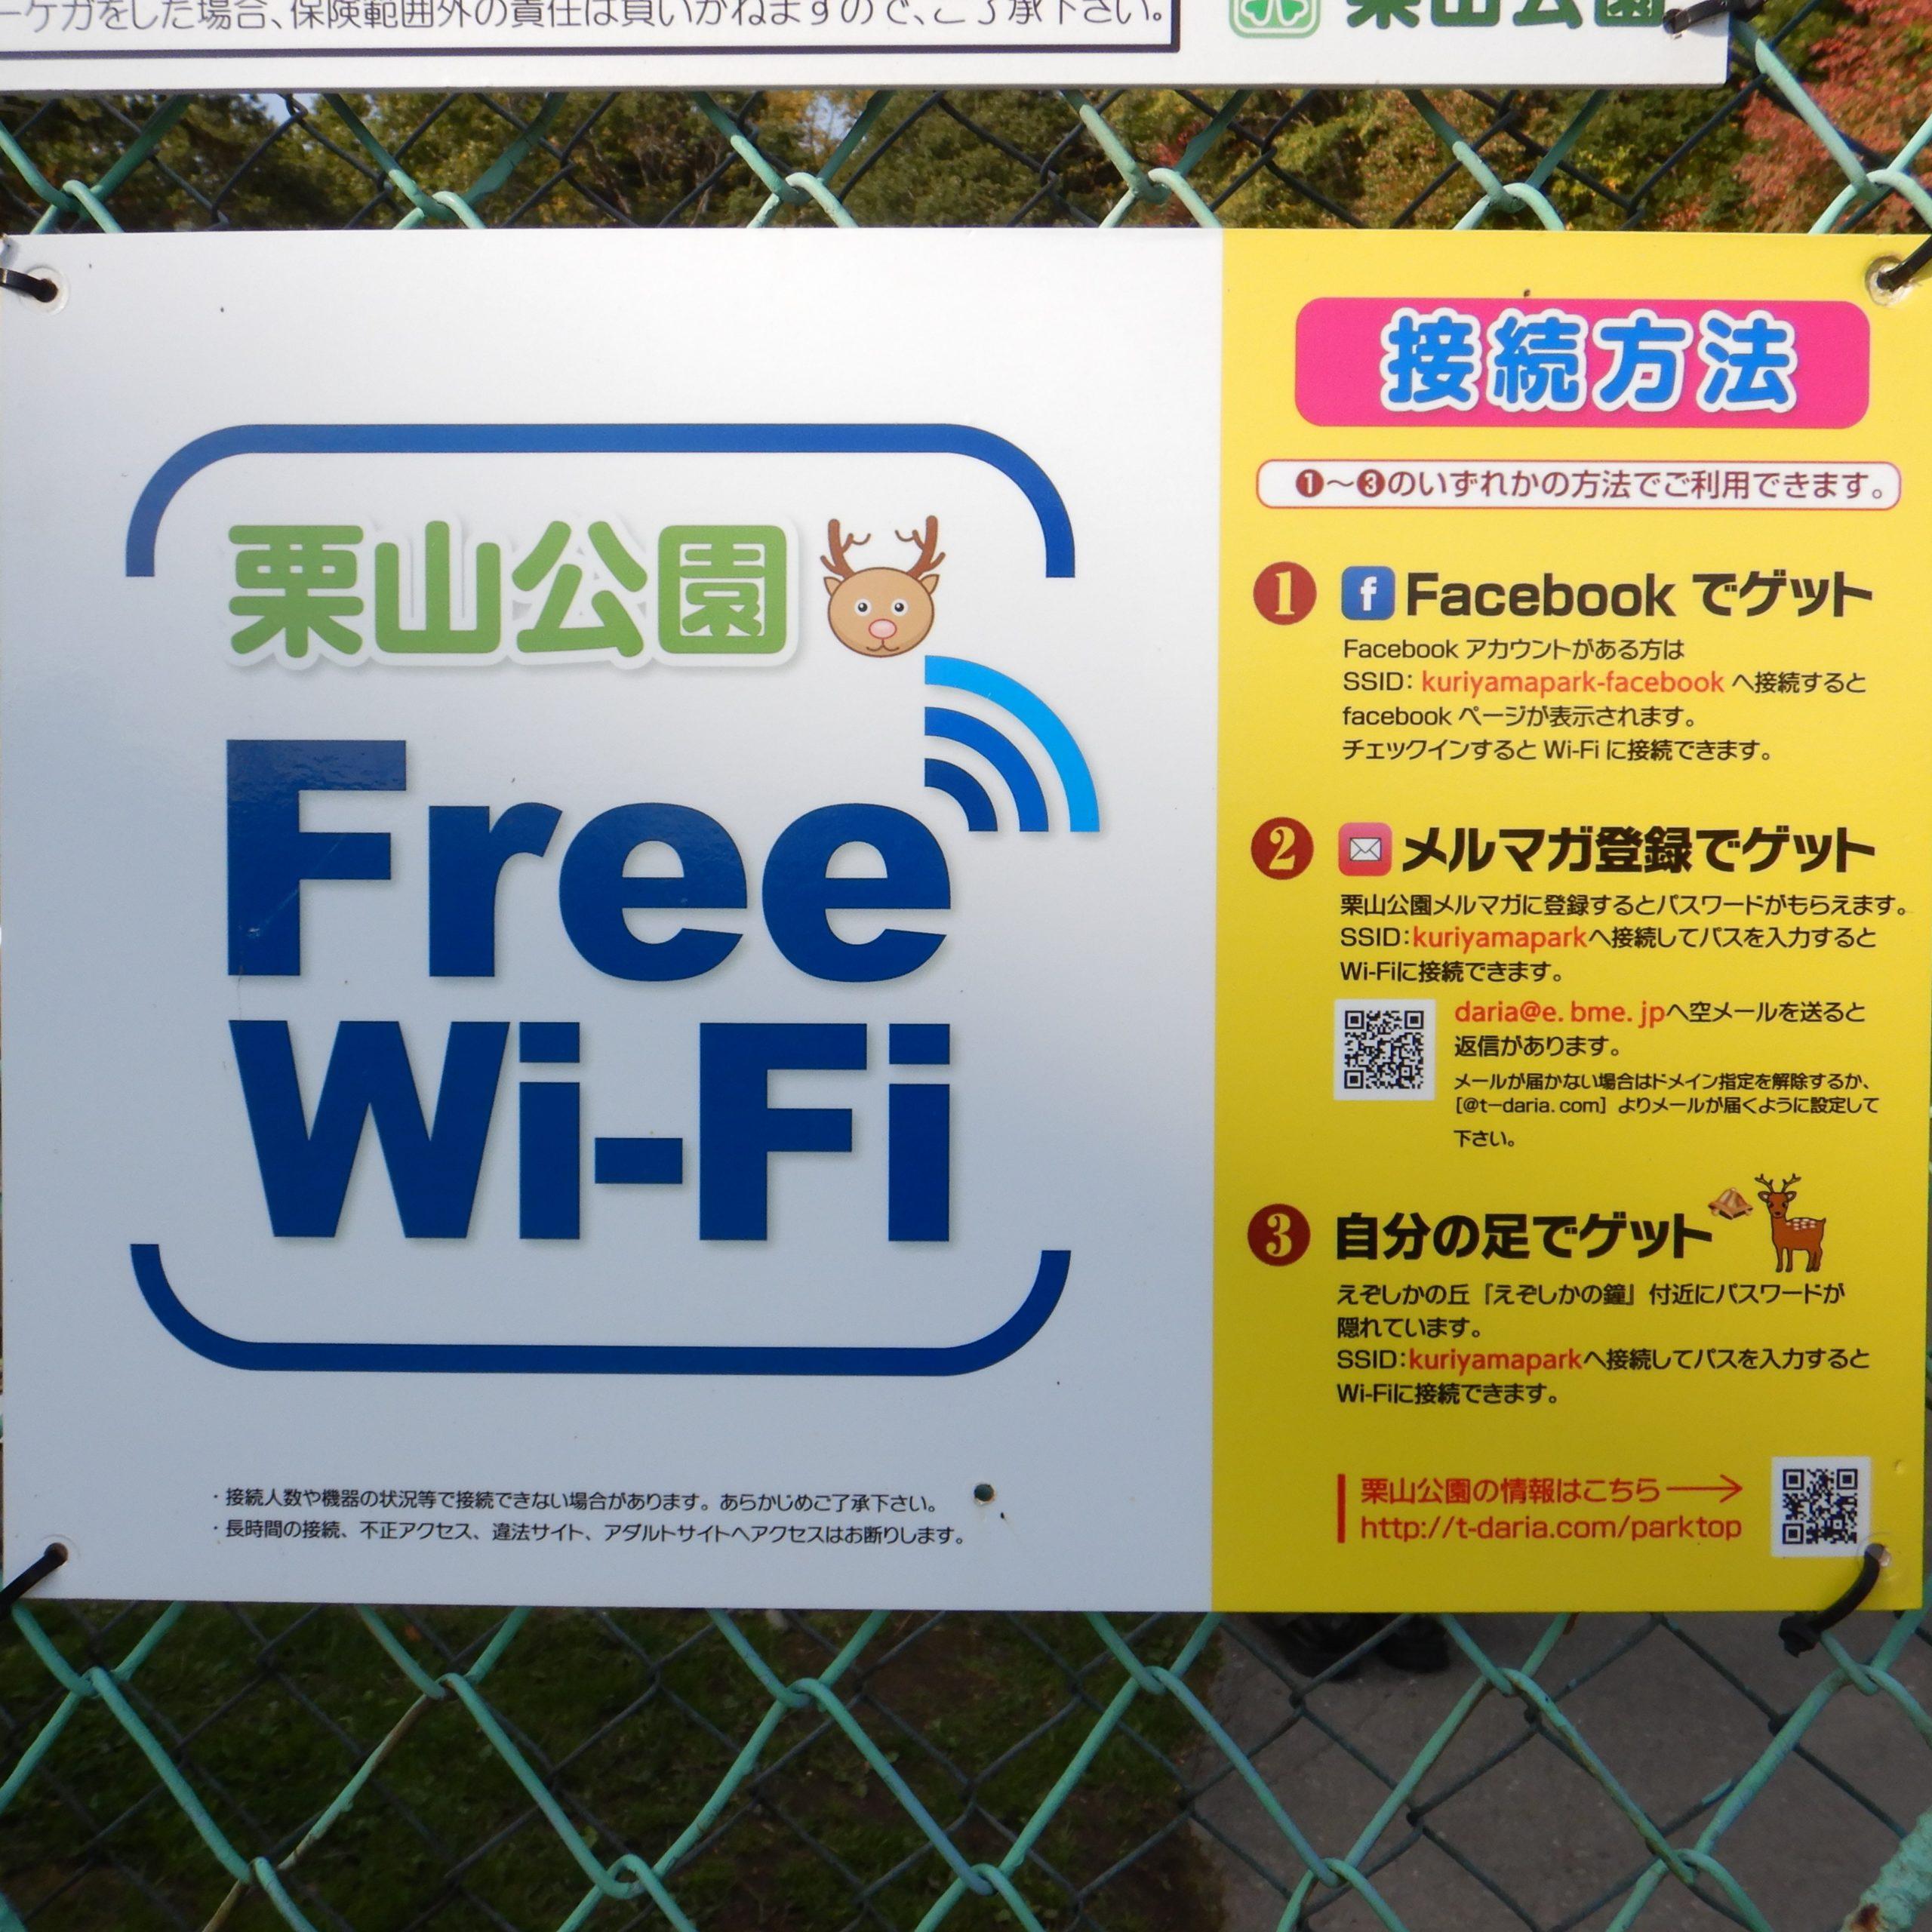 栗山公園Wi-Fi